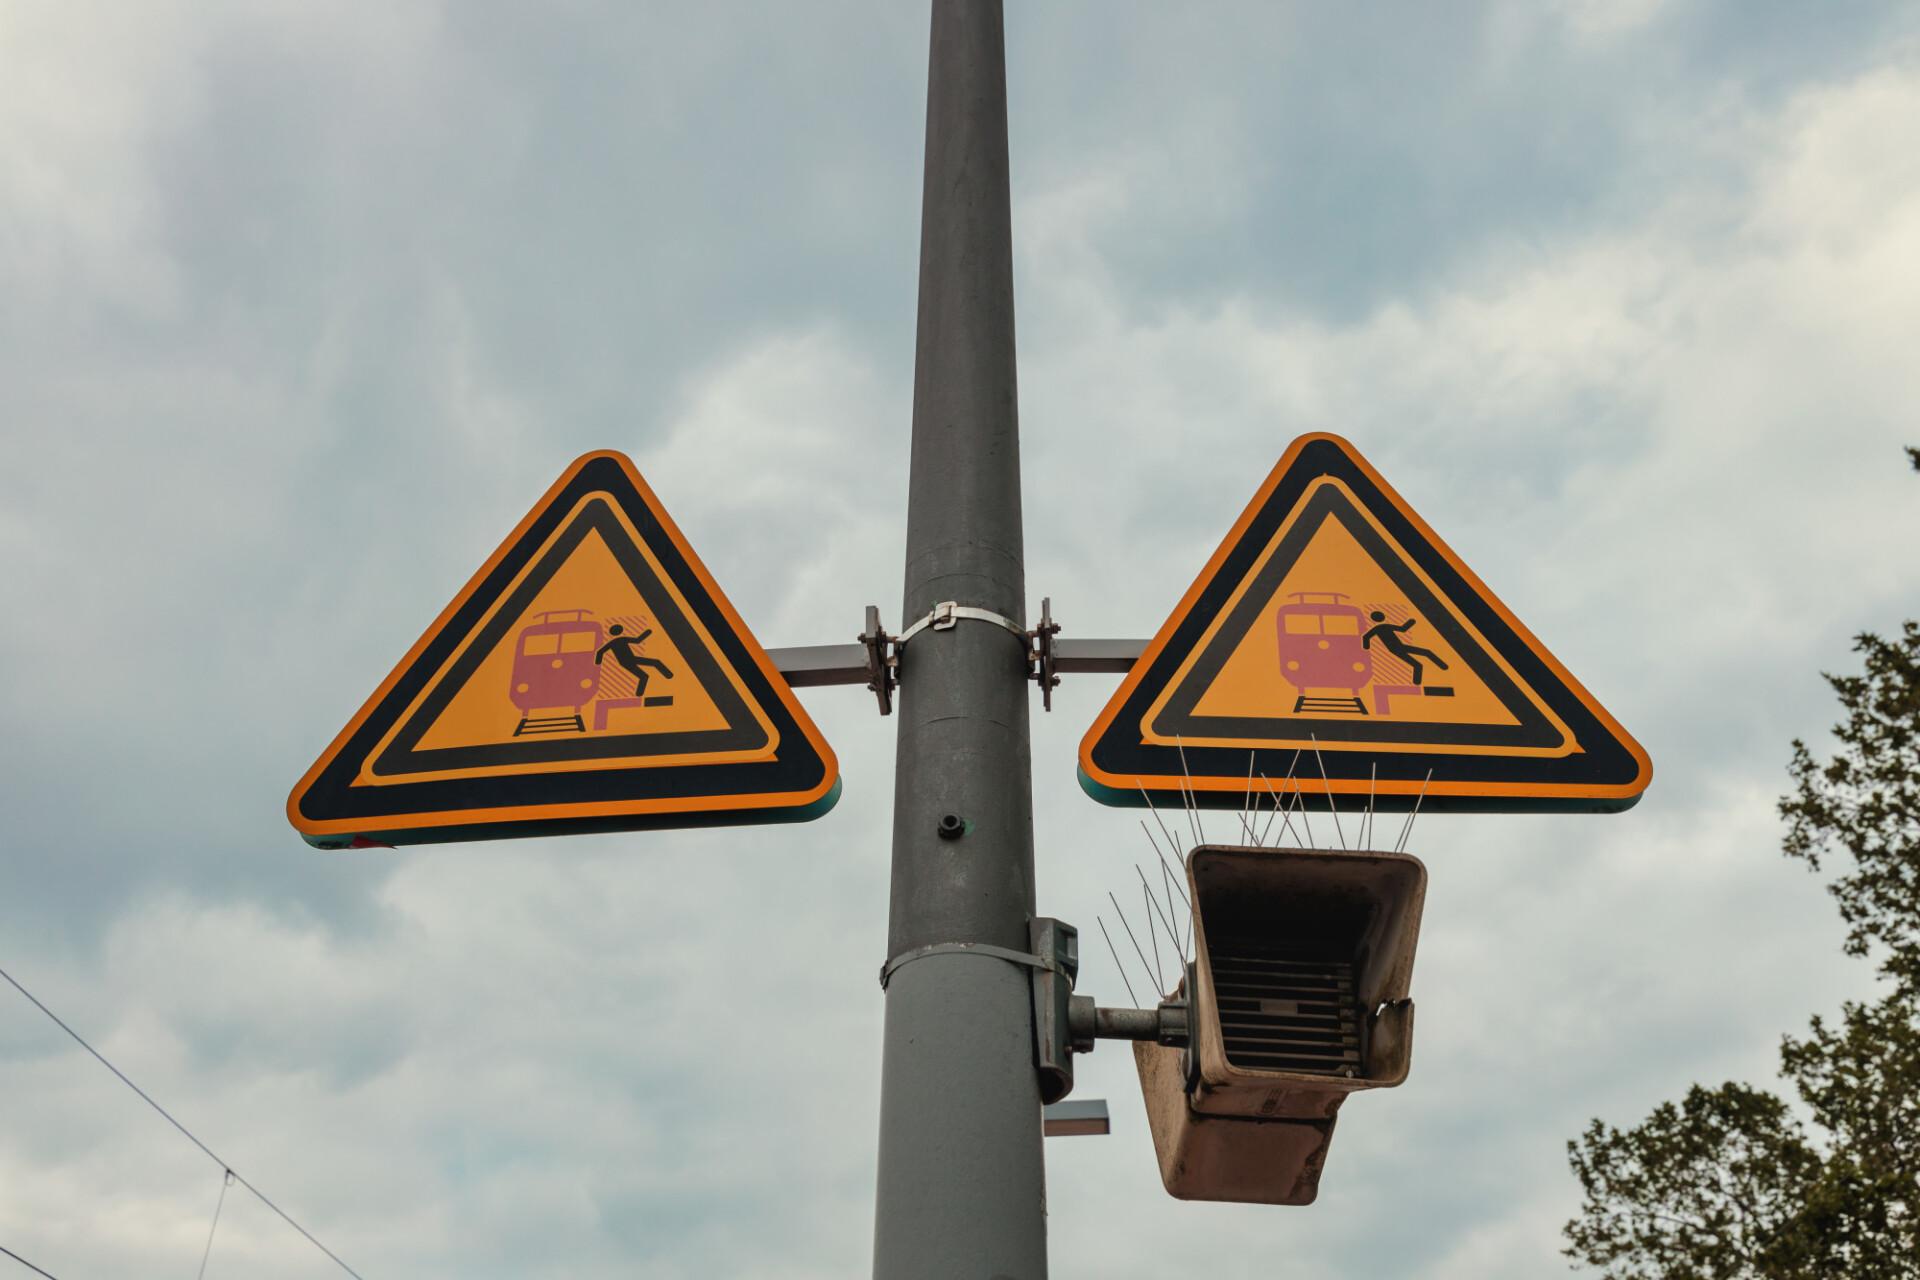 Warning sign railway